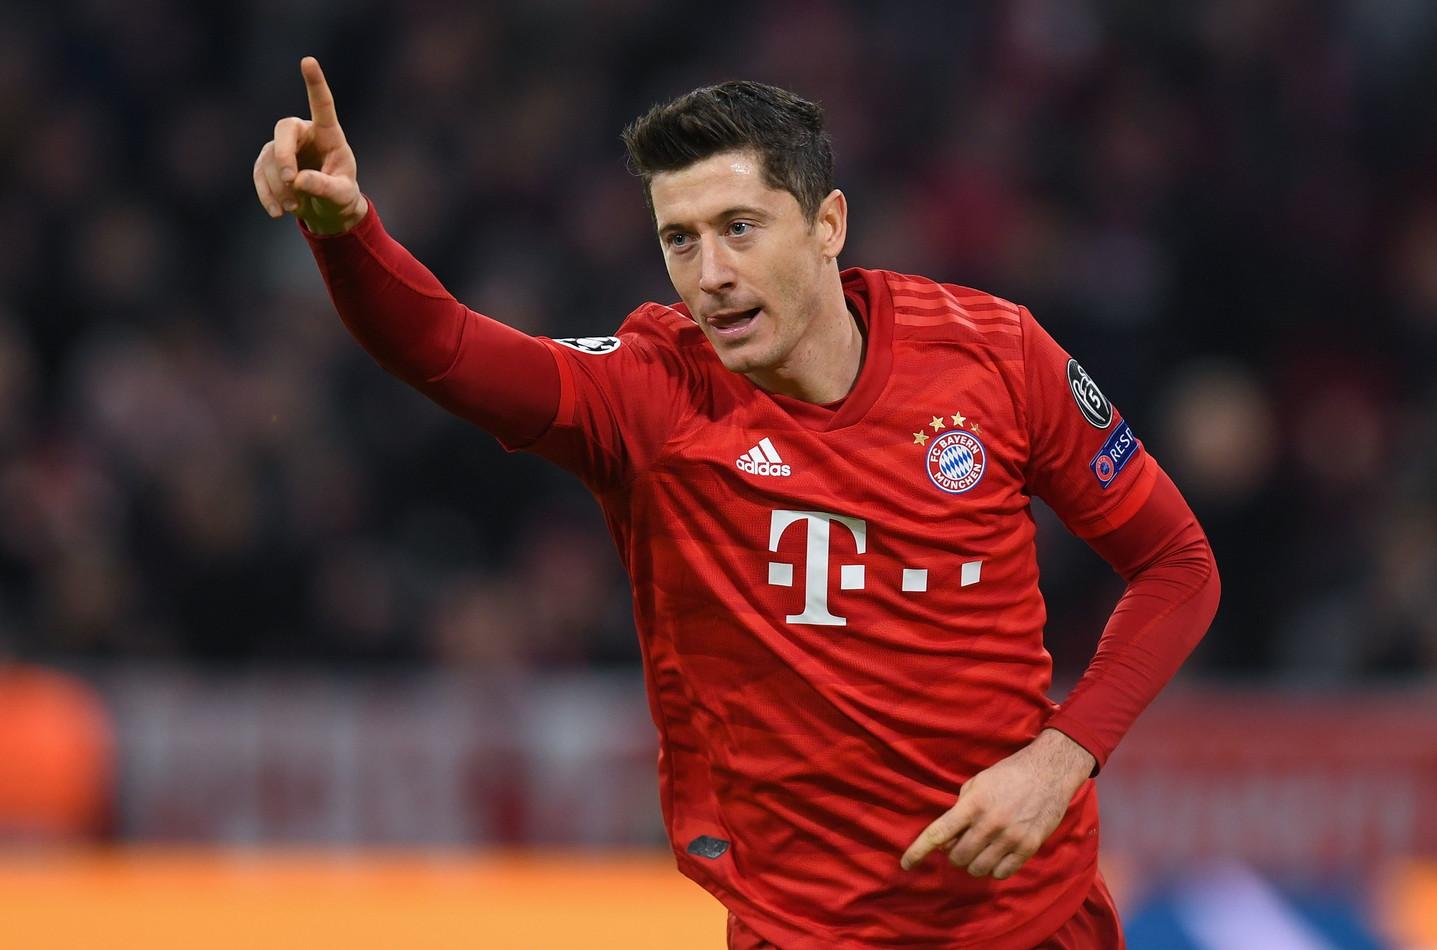 Sempre a segno in Champions: cinque gol nelle due partite contro la Stella Rossa, tre nei due match contro l'Olympiacos e due contro il Tottenham